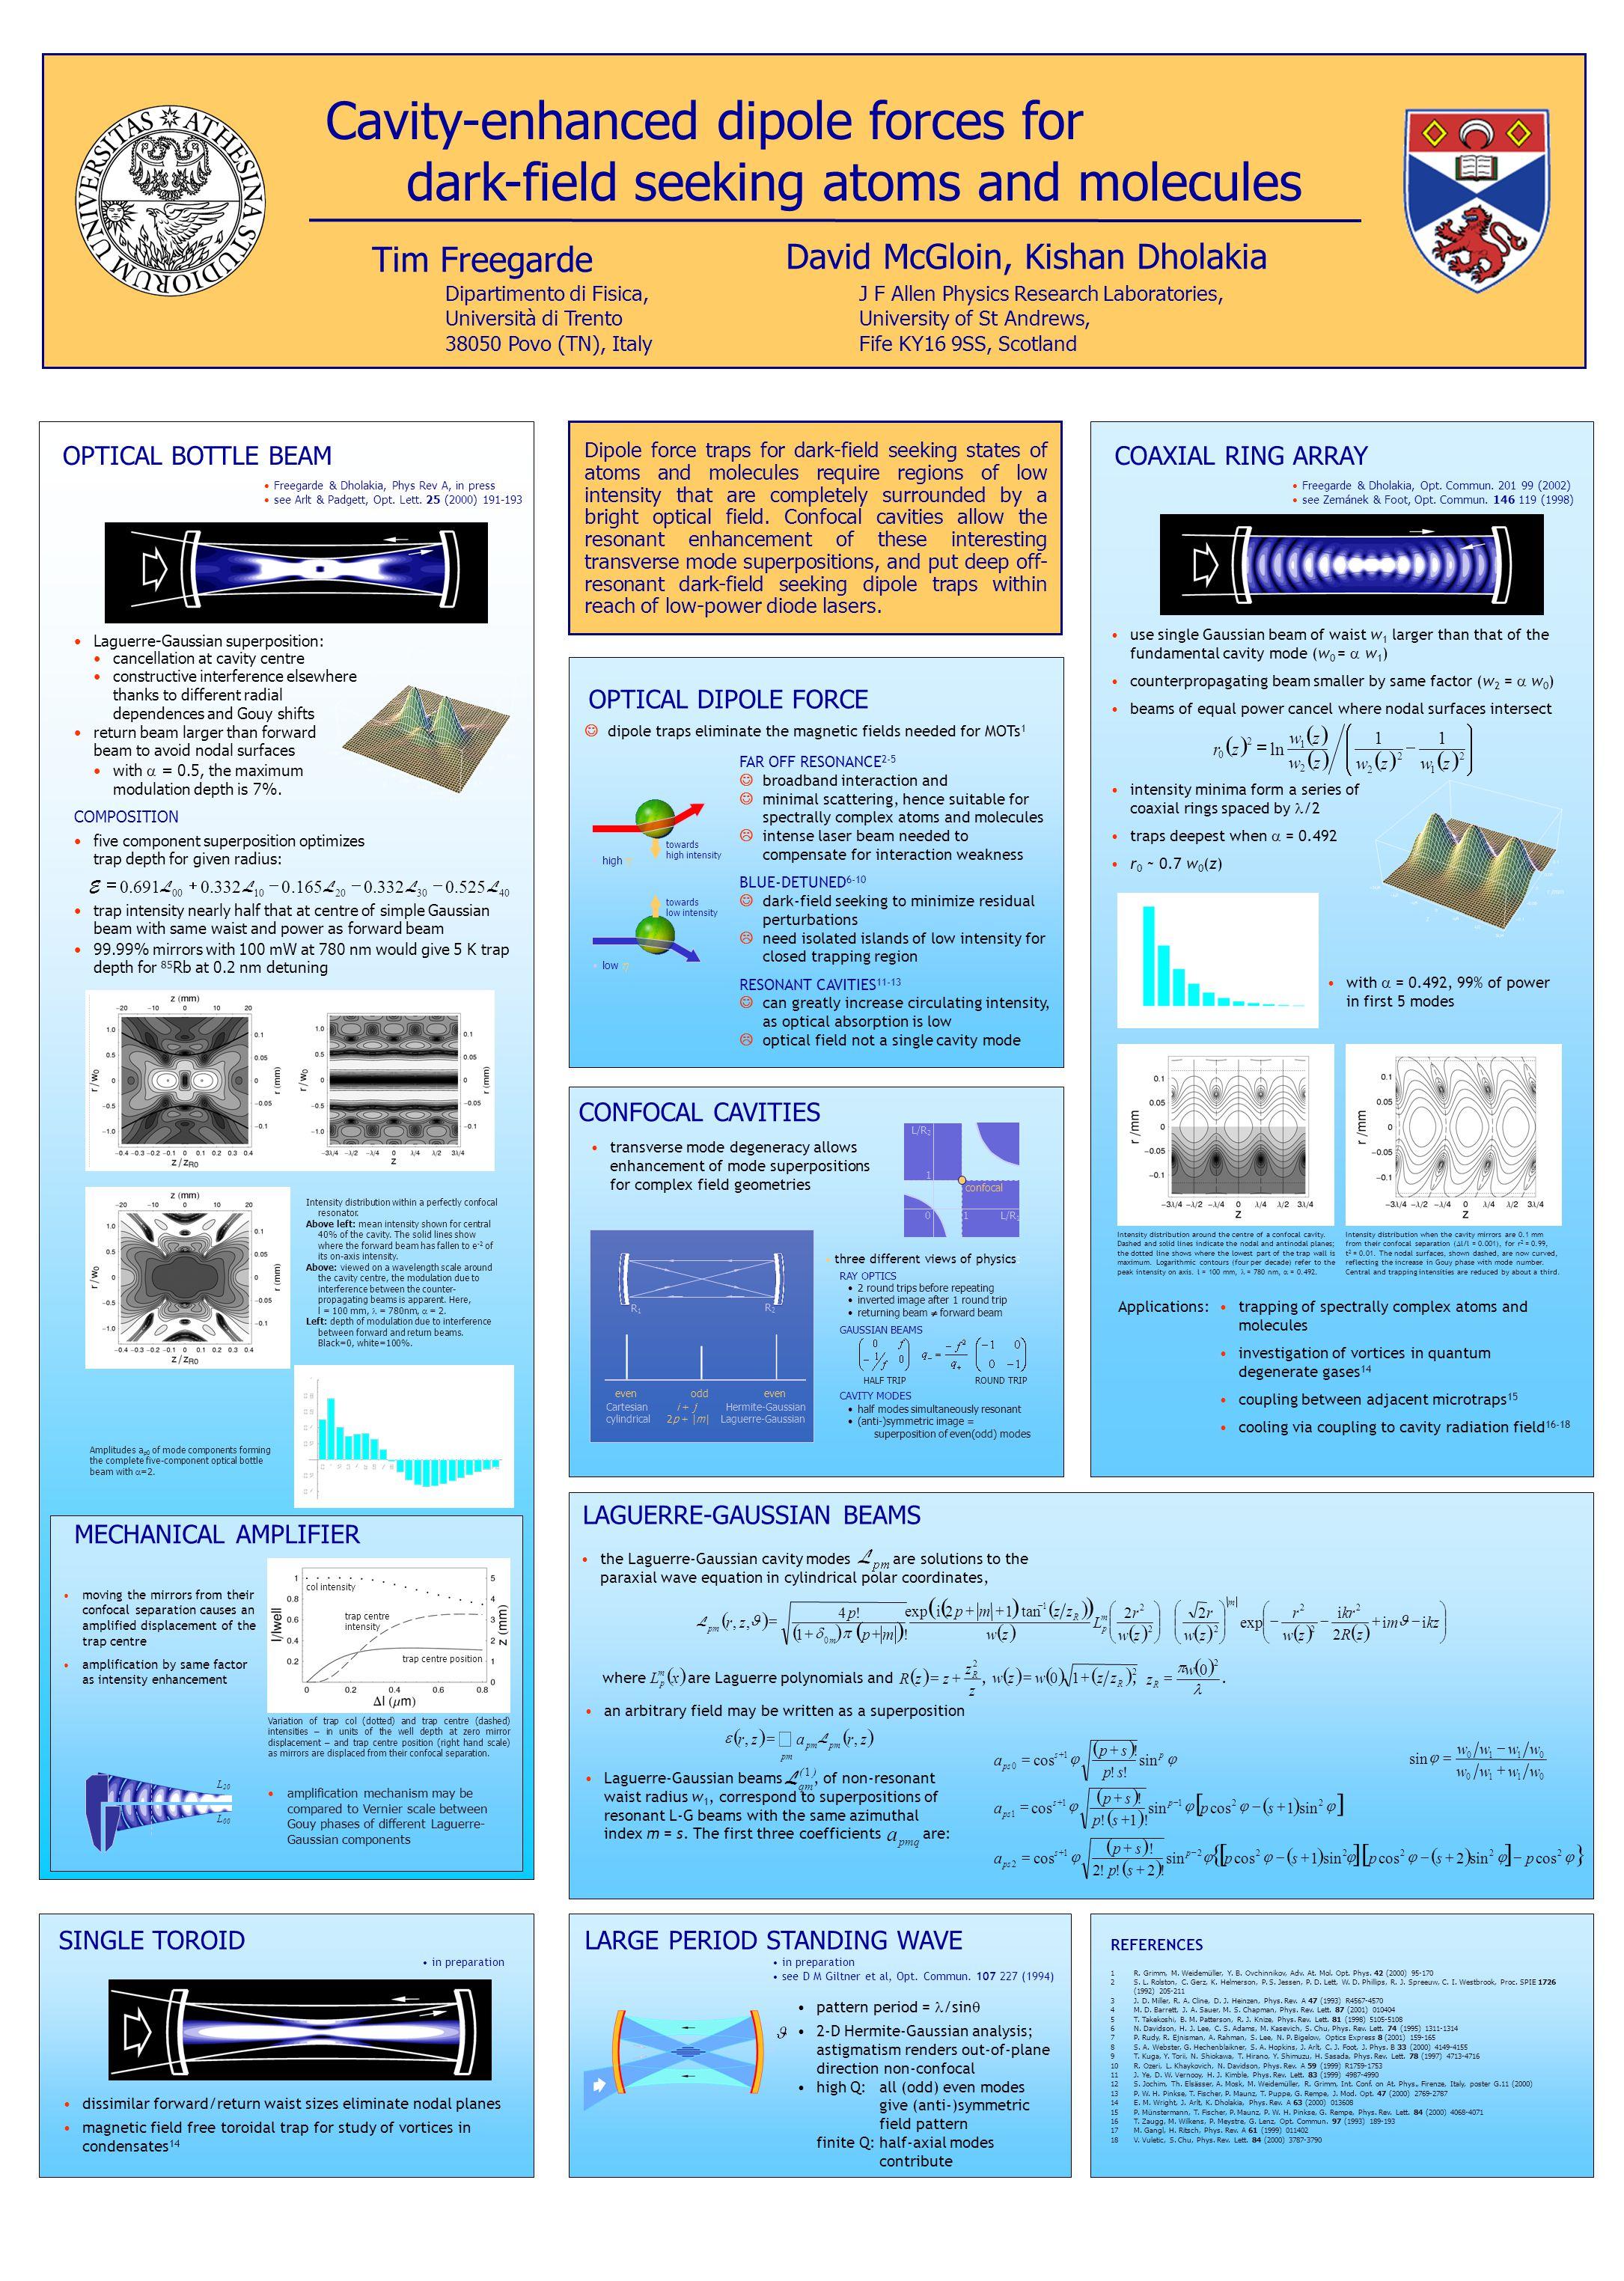 Cavity-enhanced dipole forces for dark-field seeking atoms and molecules Tim Freegarde Dipartimento di Fisica, Università di Trento 38050 Povo (TN), I